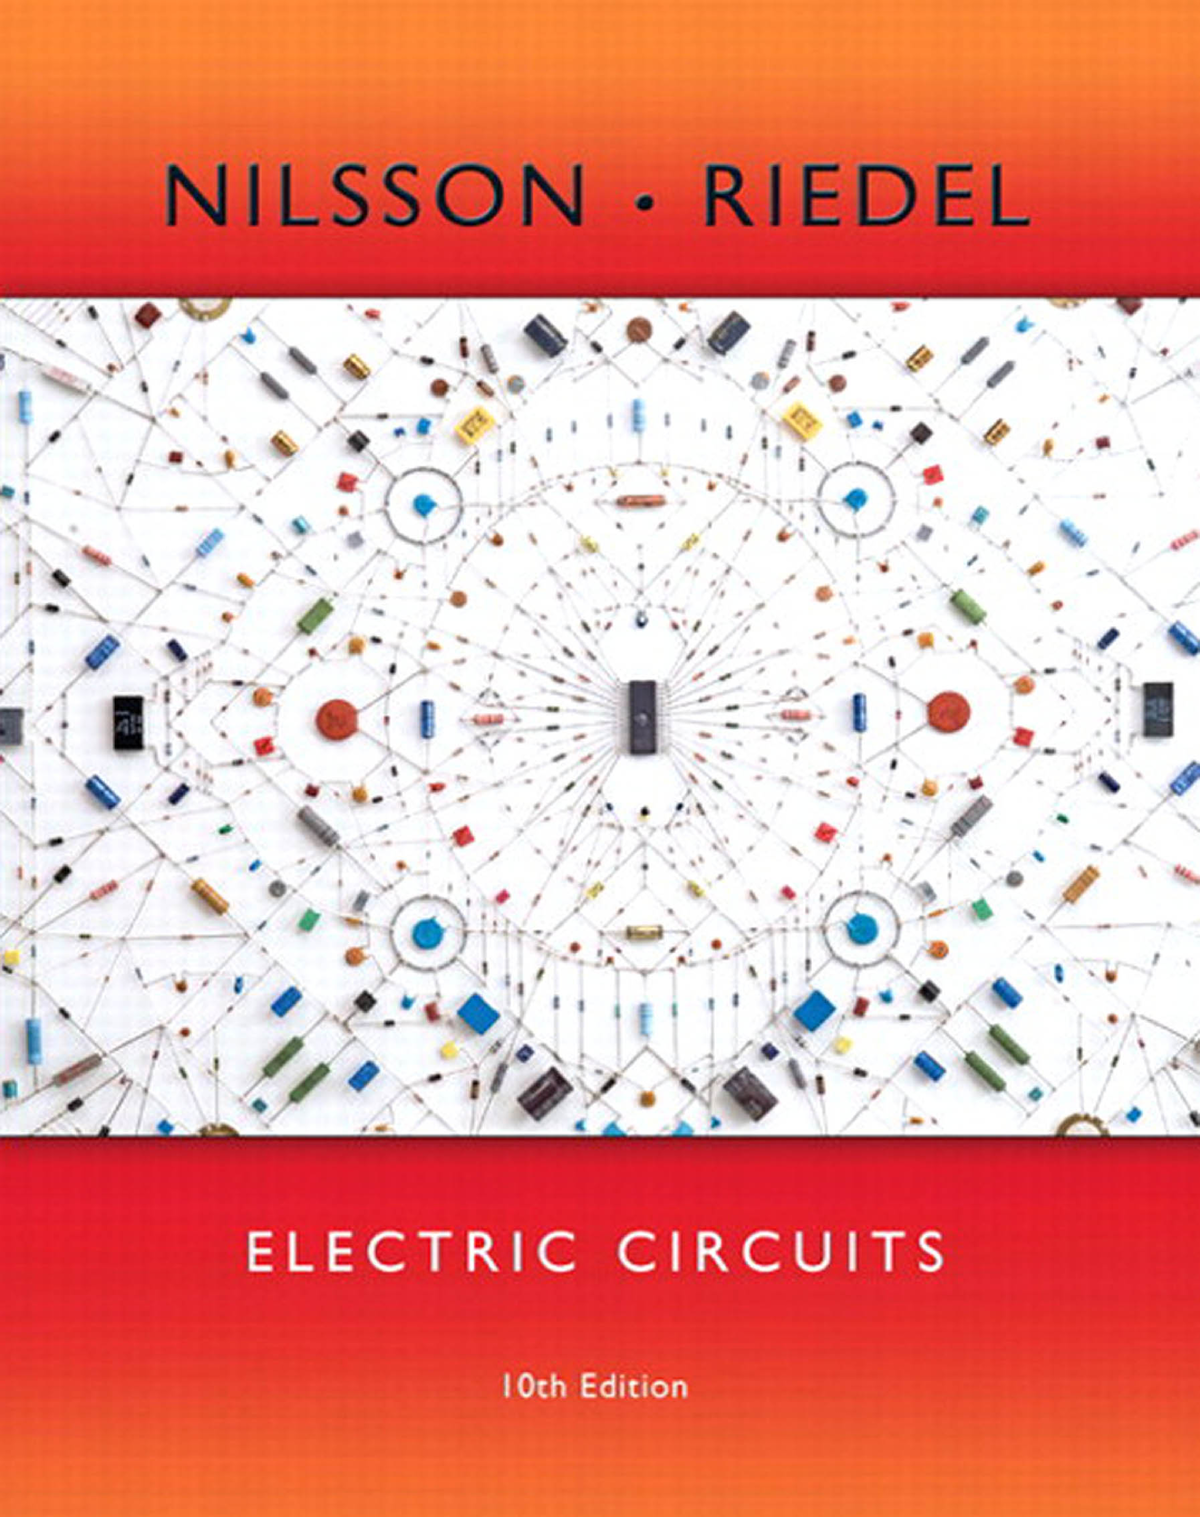 ElectricCircuits_10thEd - EEL 3112 Circuits II - StuDocu